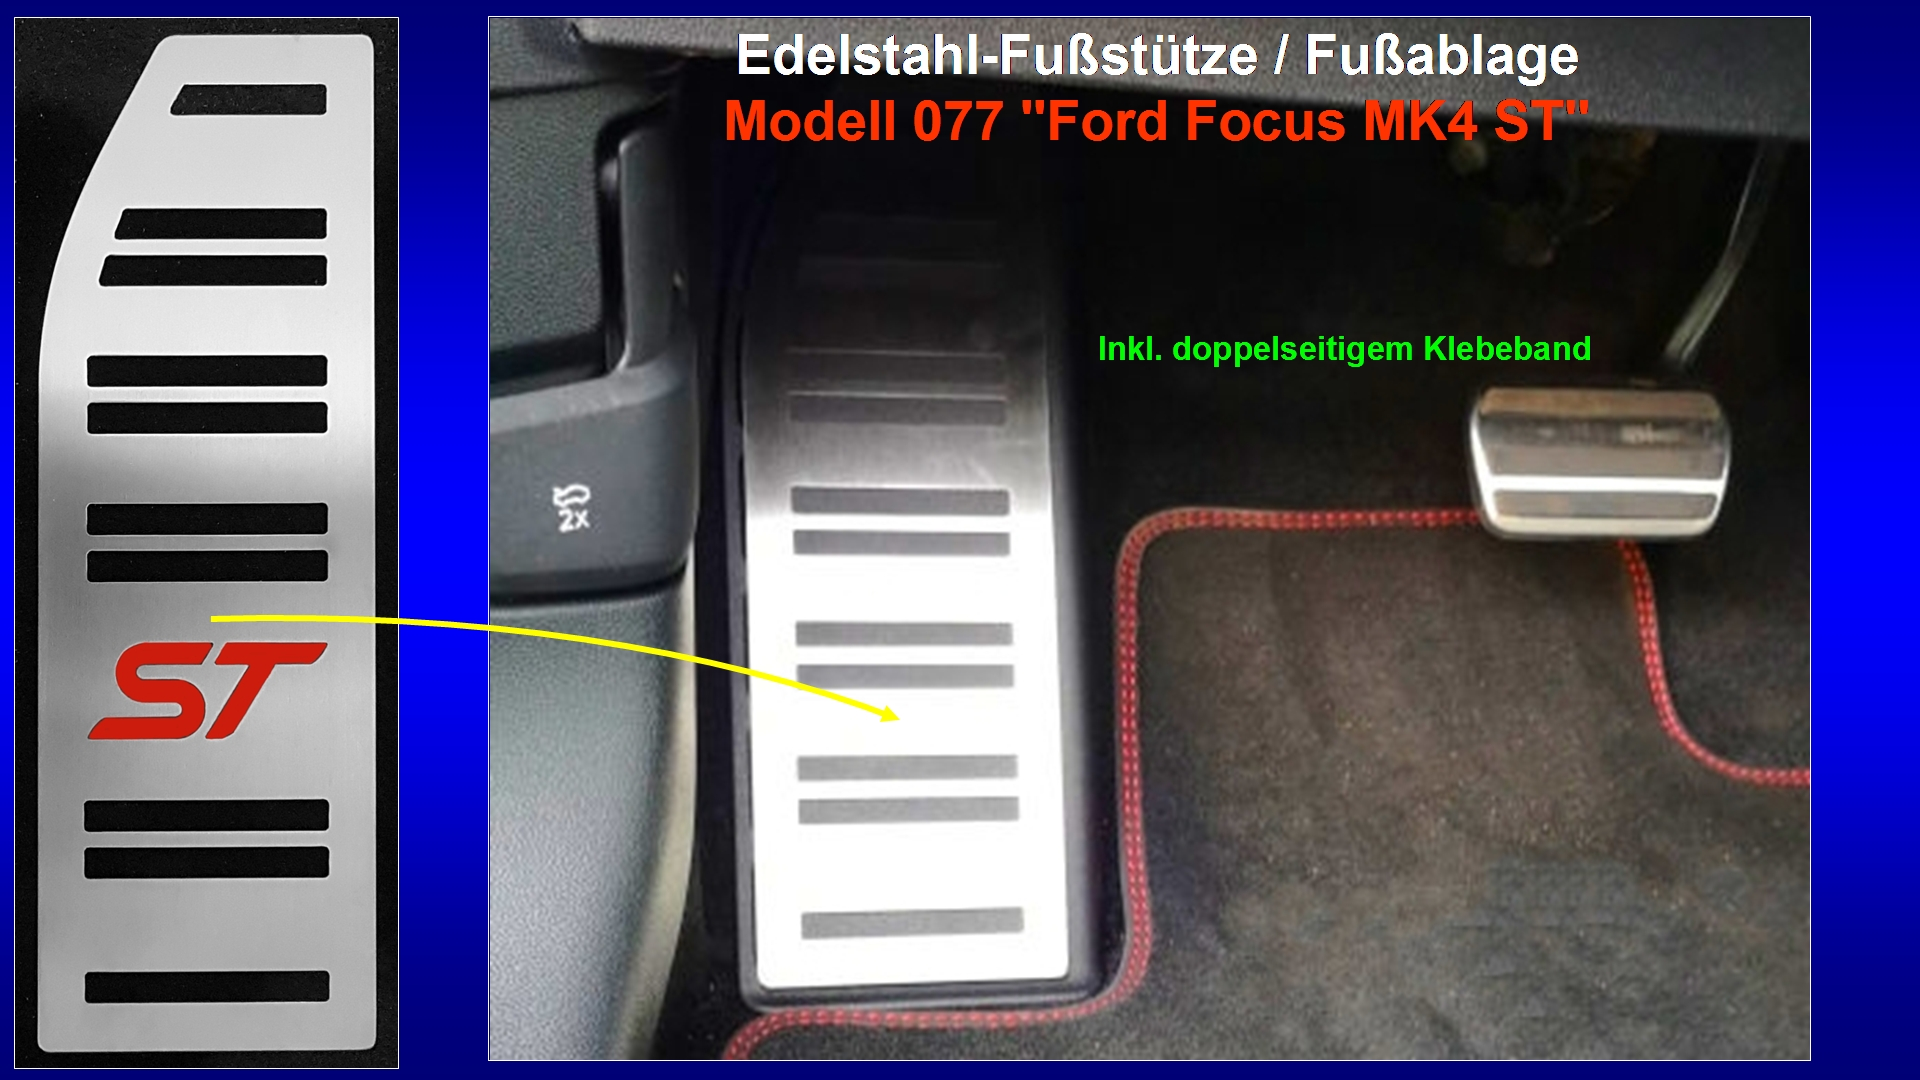 Präsentation Edelstahl-Fußstütze Modell 077 ''Ford Focus MK4 ST''.jpg